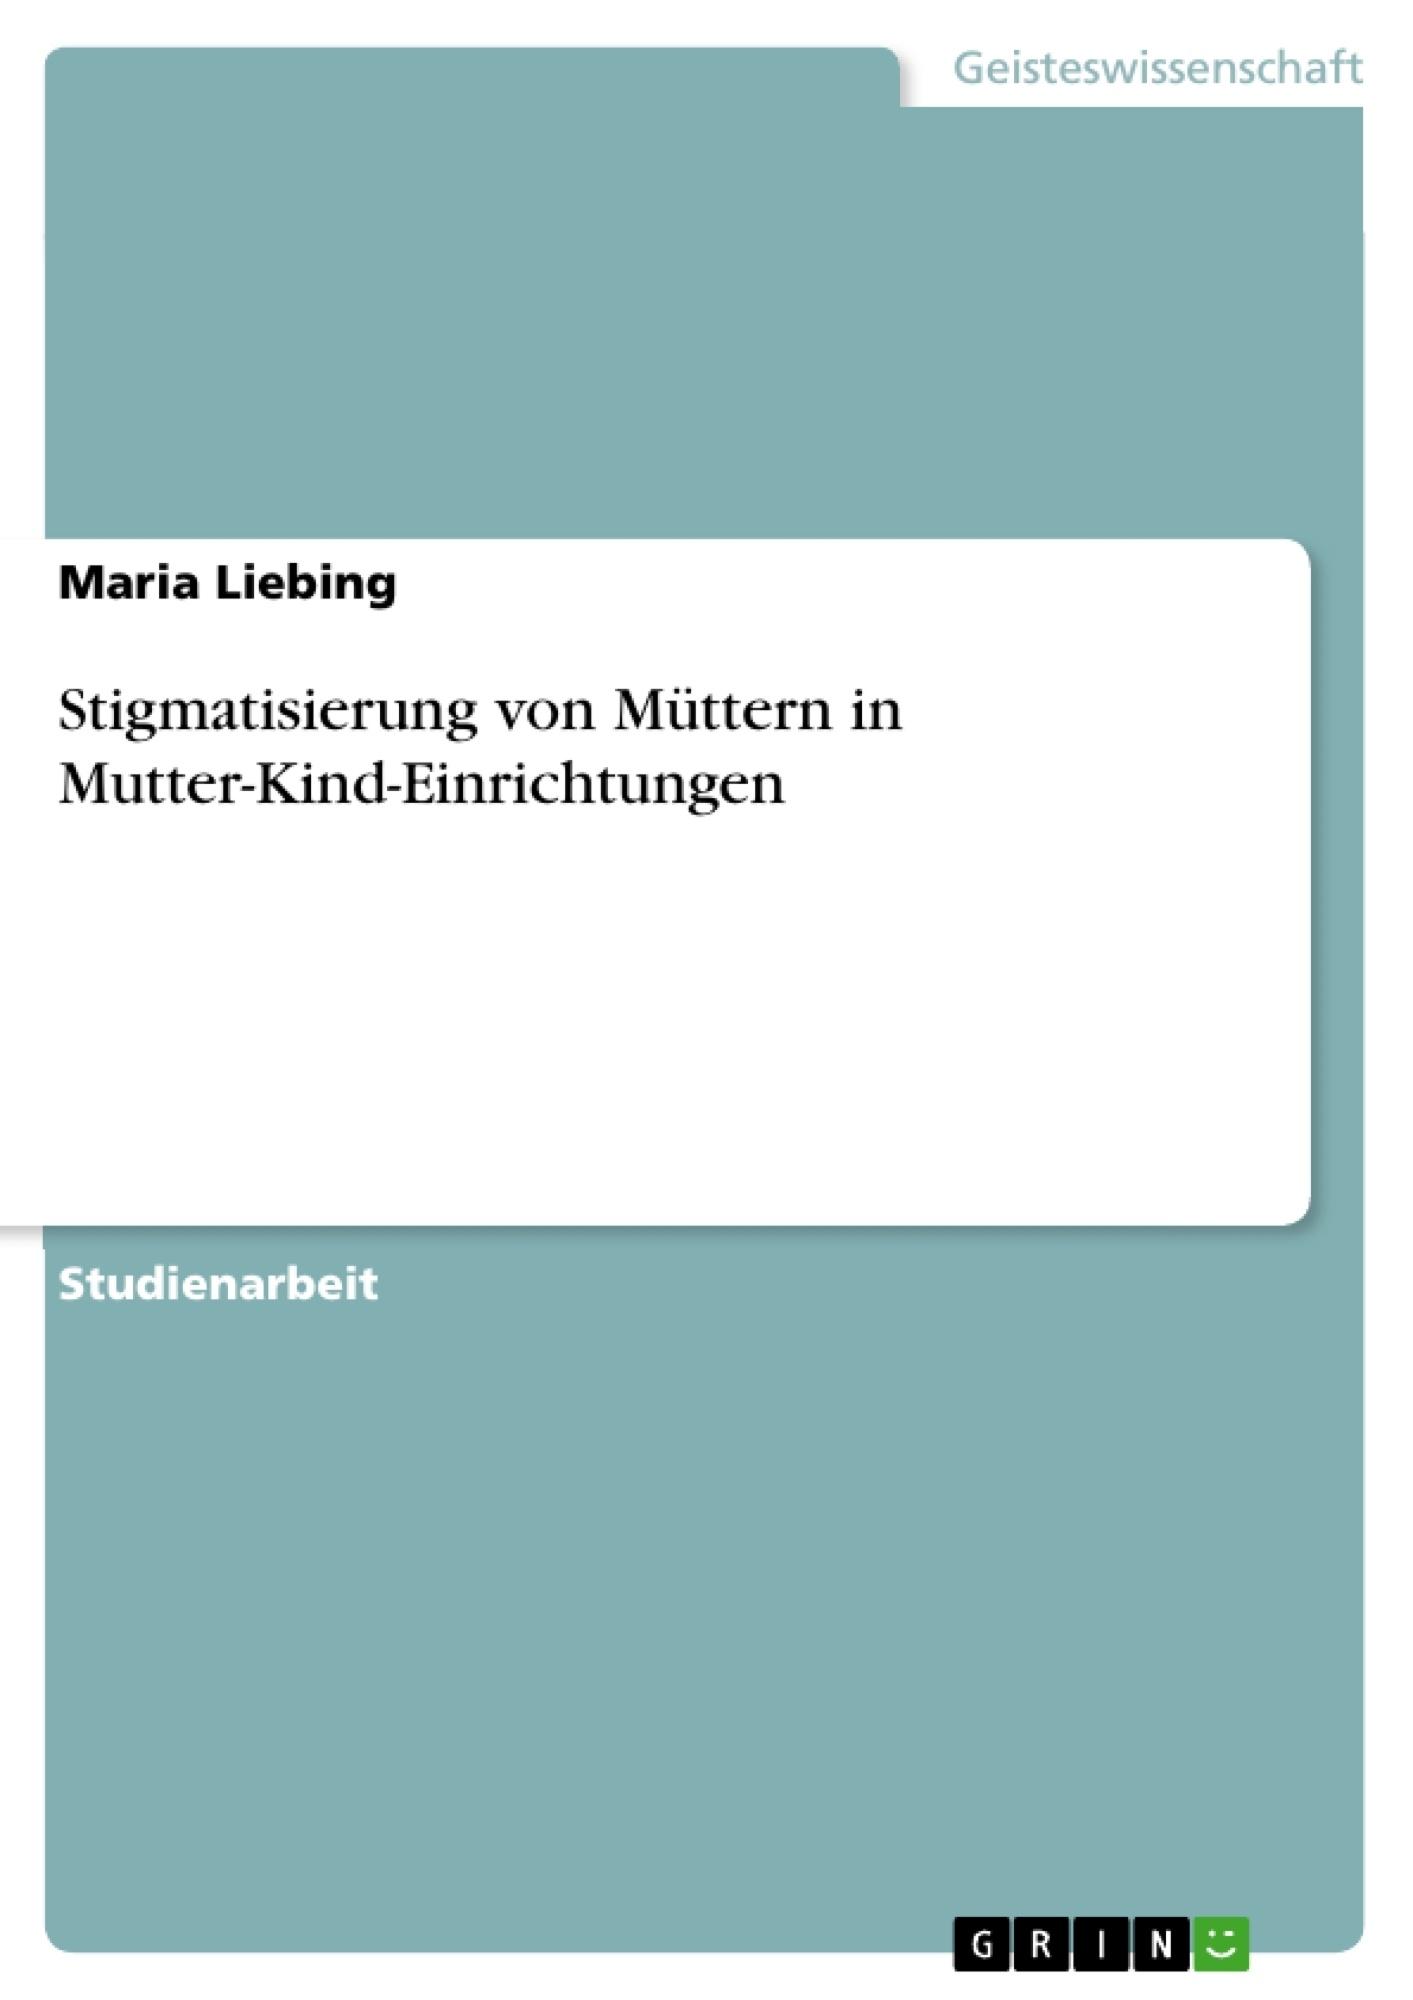 Titel: Stigmatisierung von Müttern in Mutter-Kind-Einrichtungen